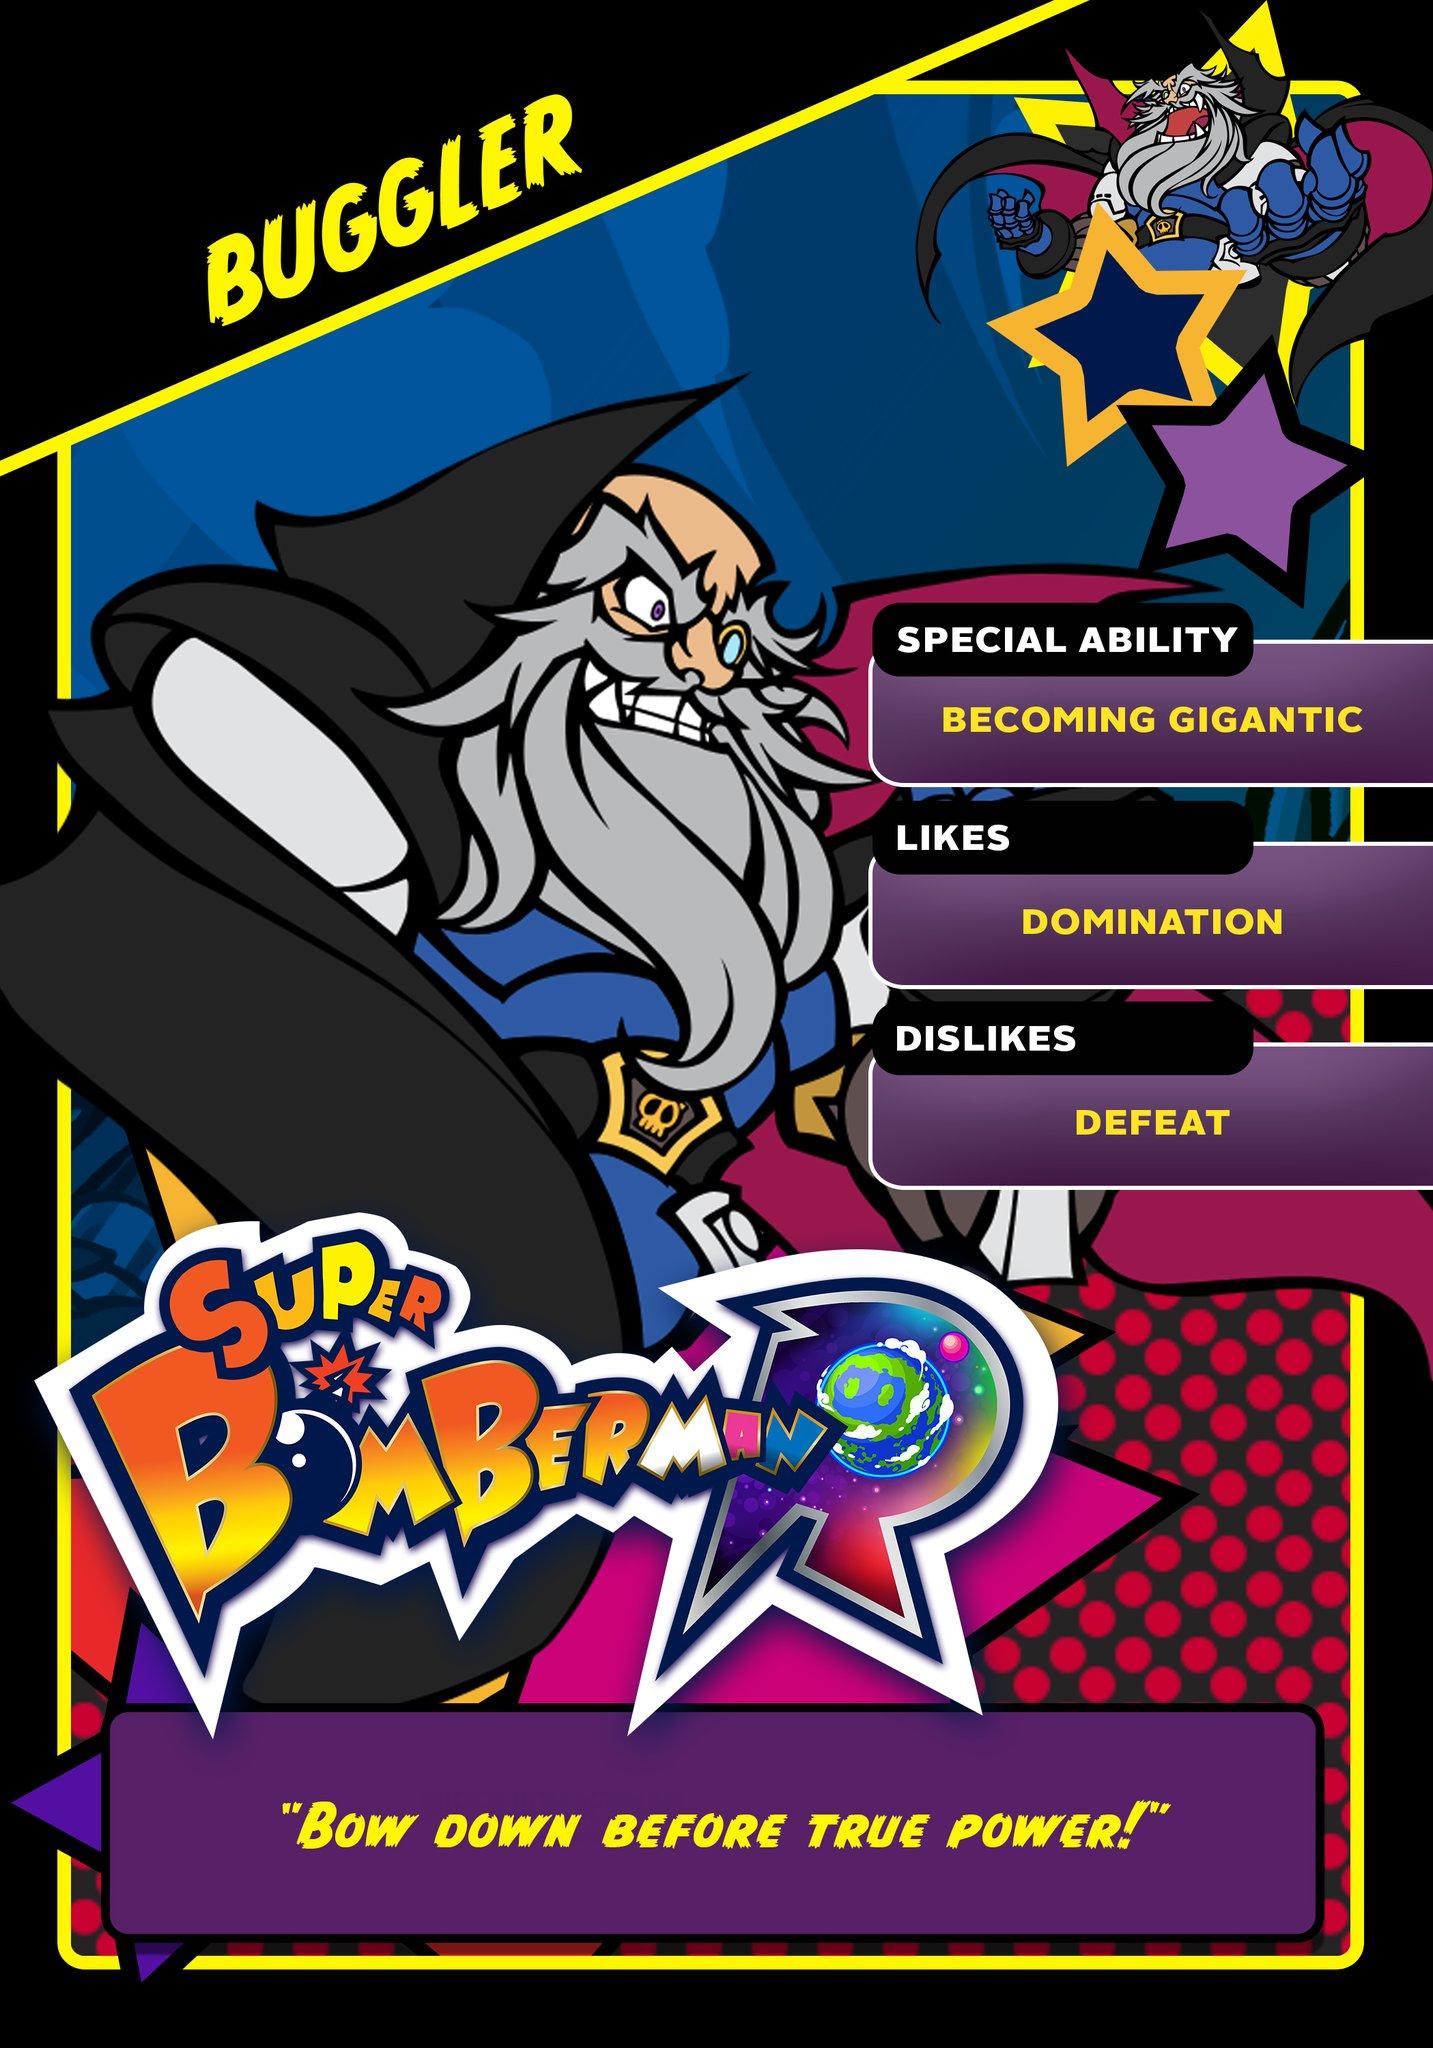 Super Bomberman R Black Bomber: Image - Buggler Card.png